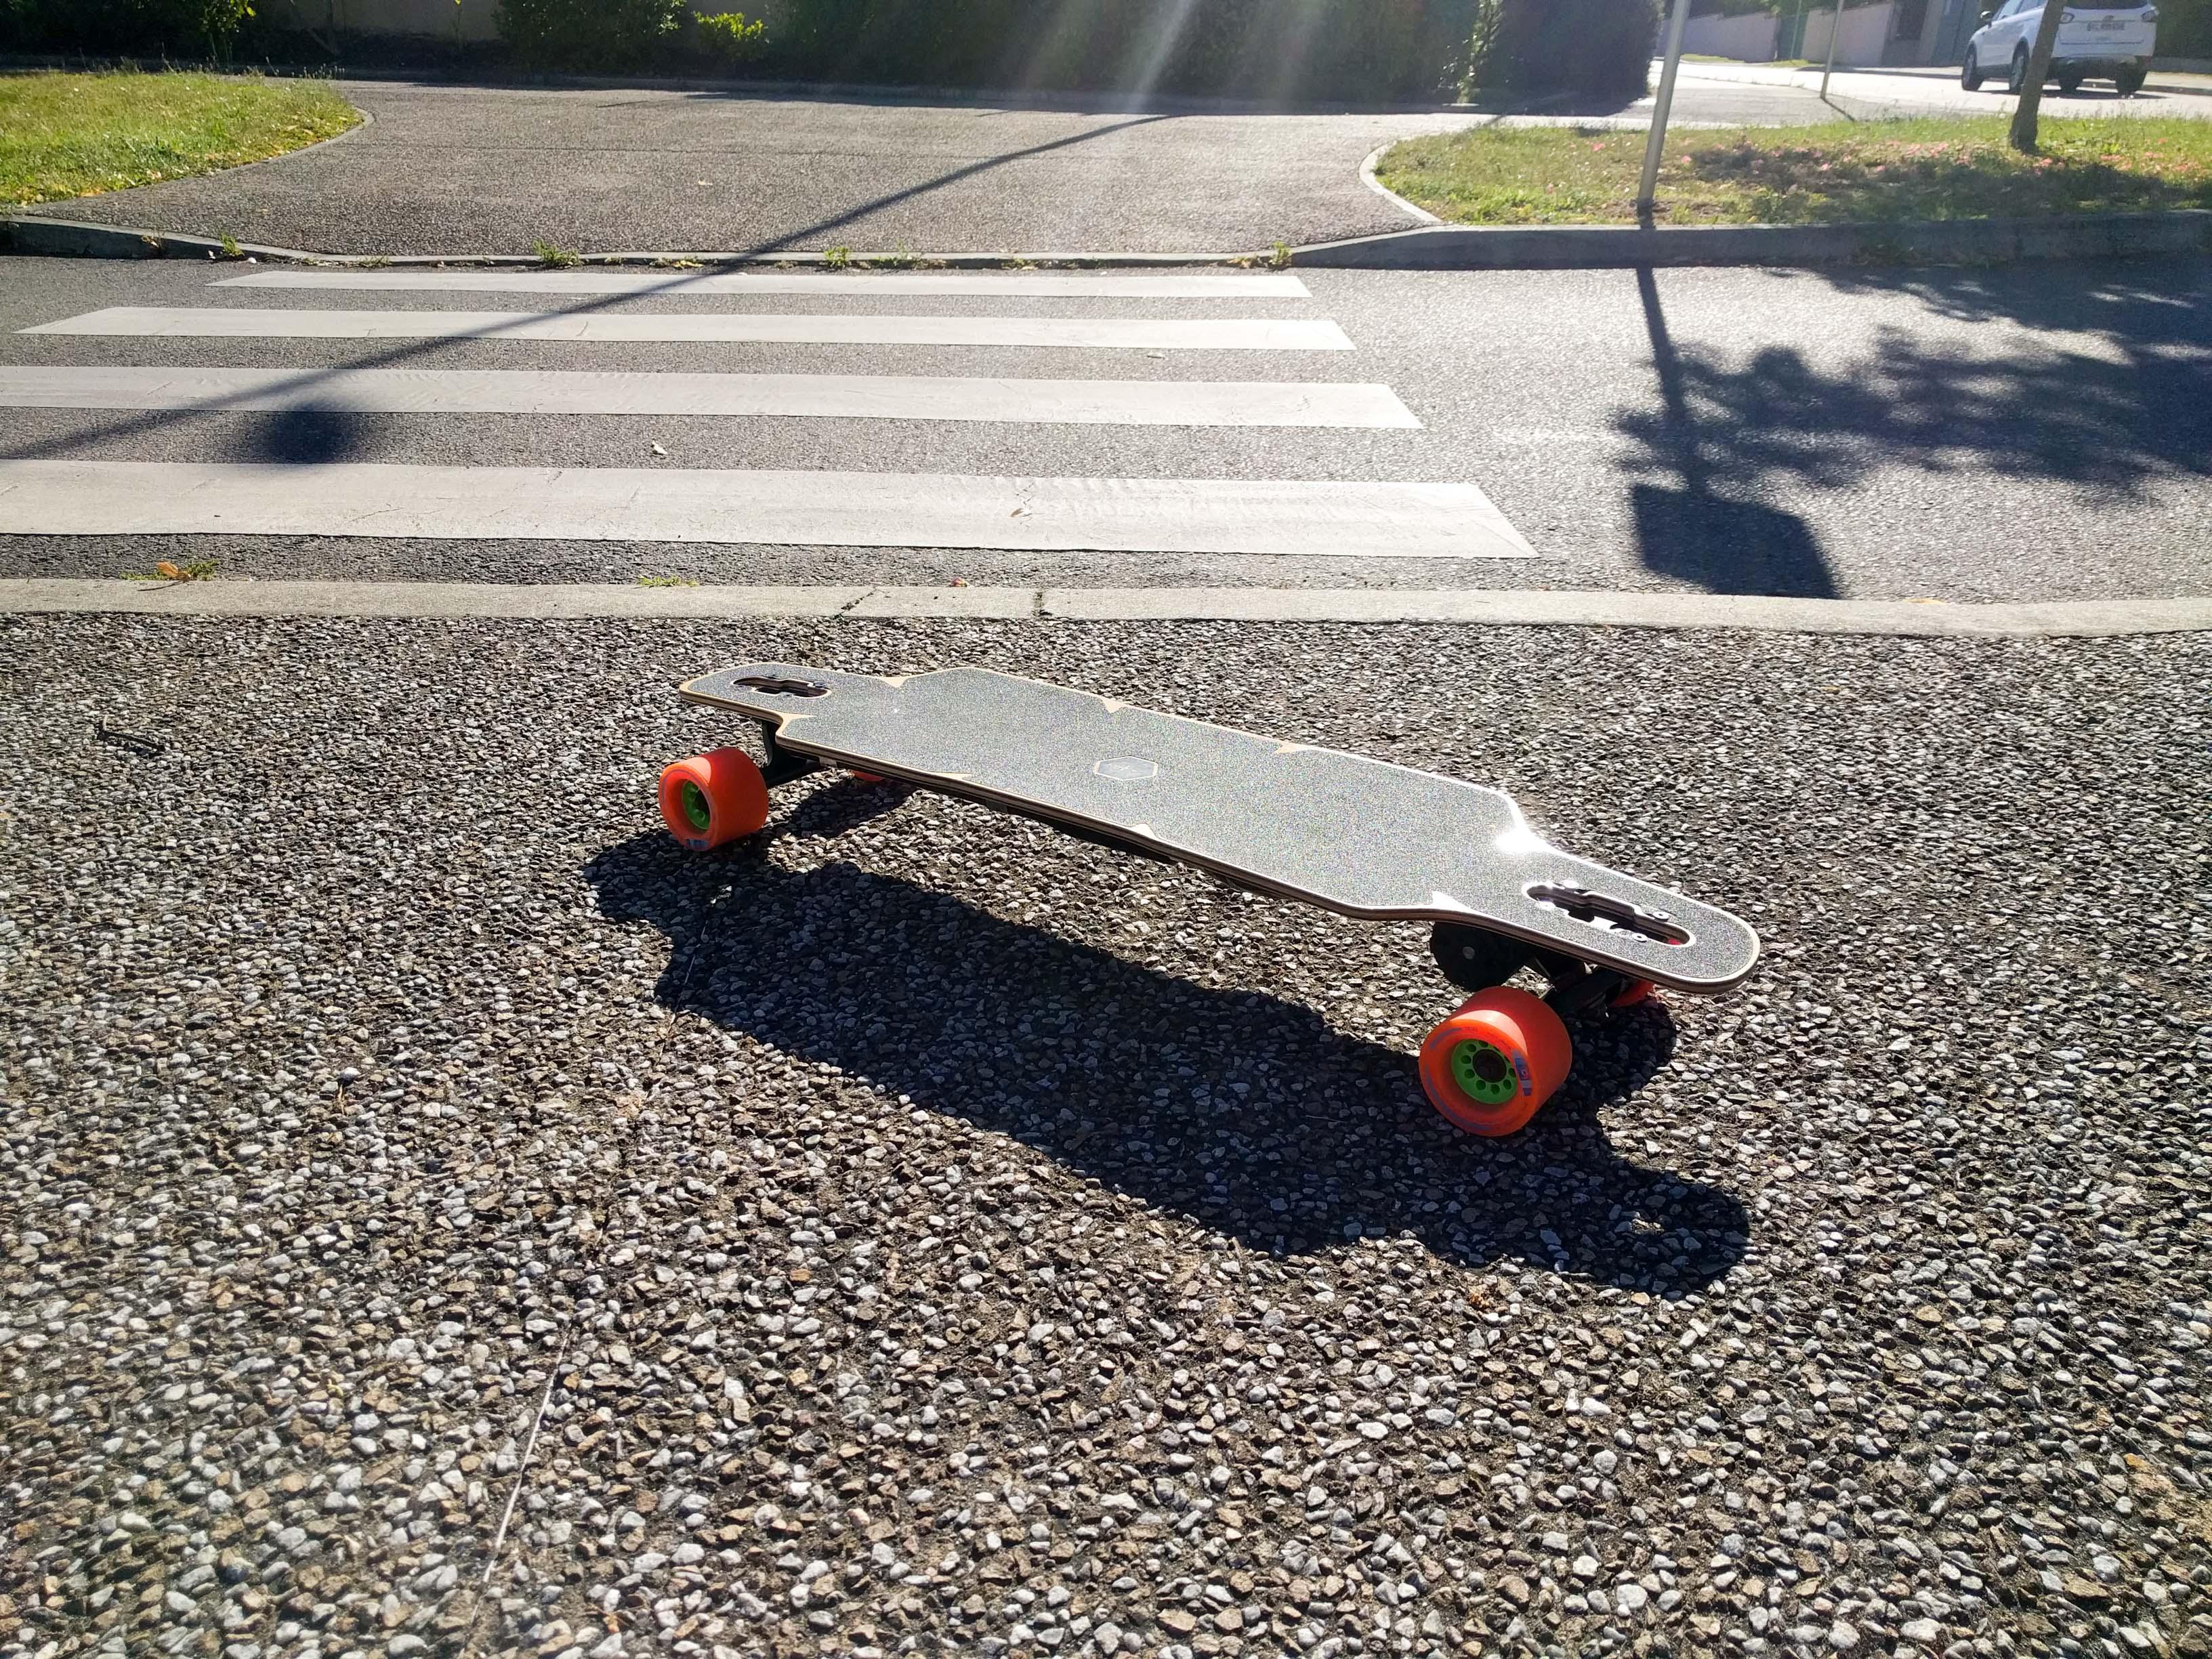 (Tuto 1) Construire son skate électrique : le choix des composants